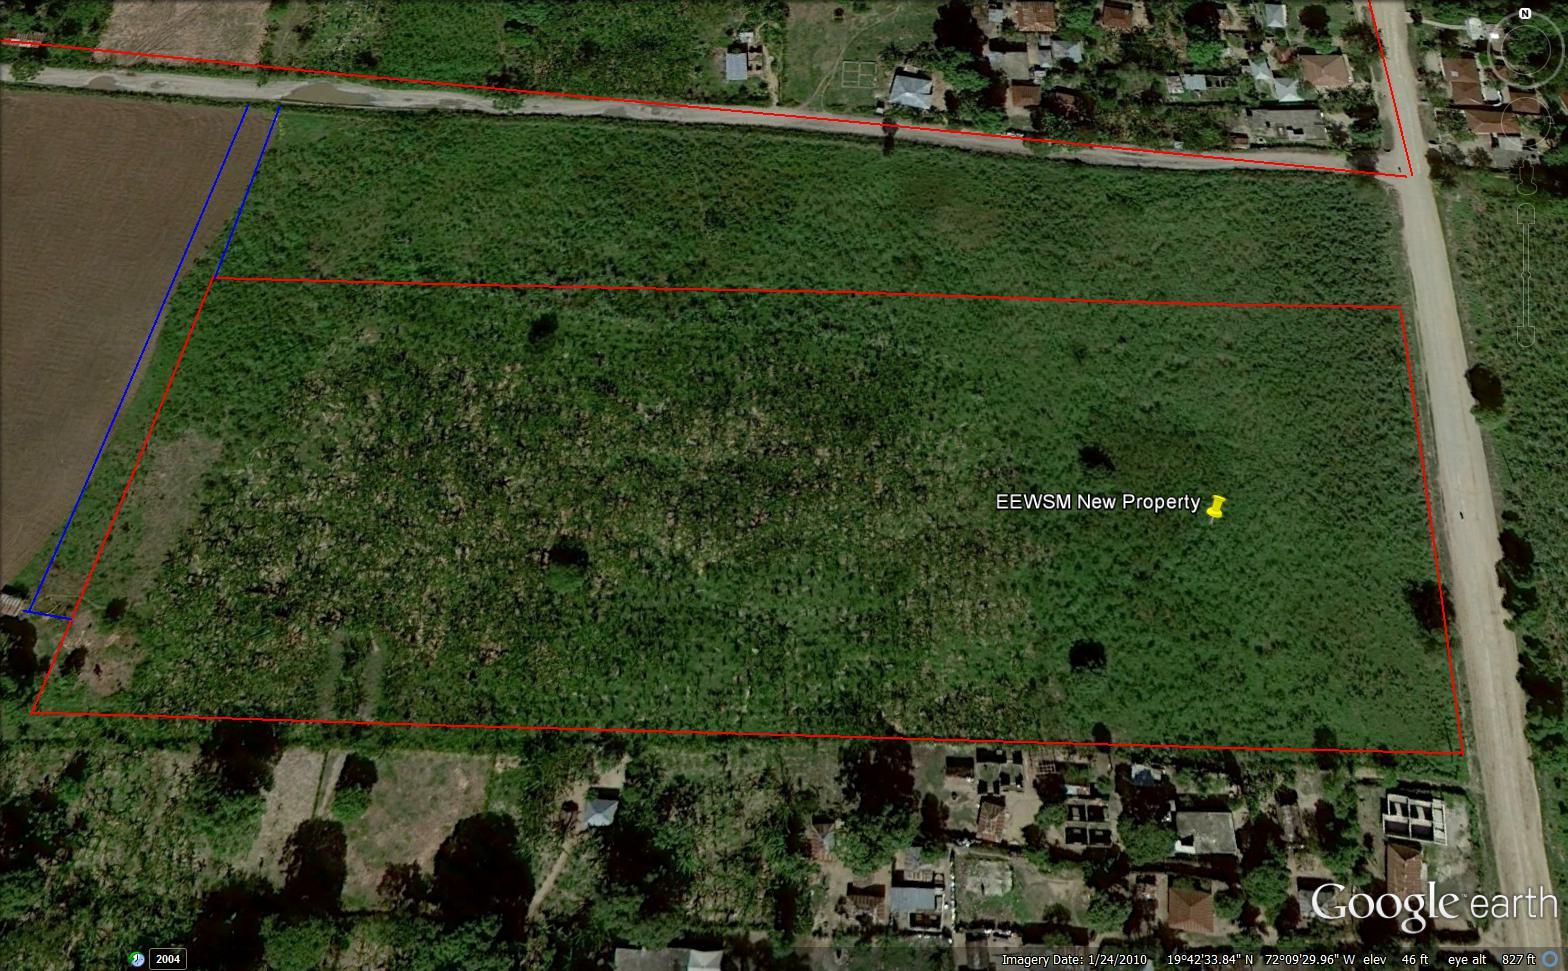 EEWSHM Google Earth 2.jpg